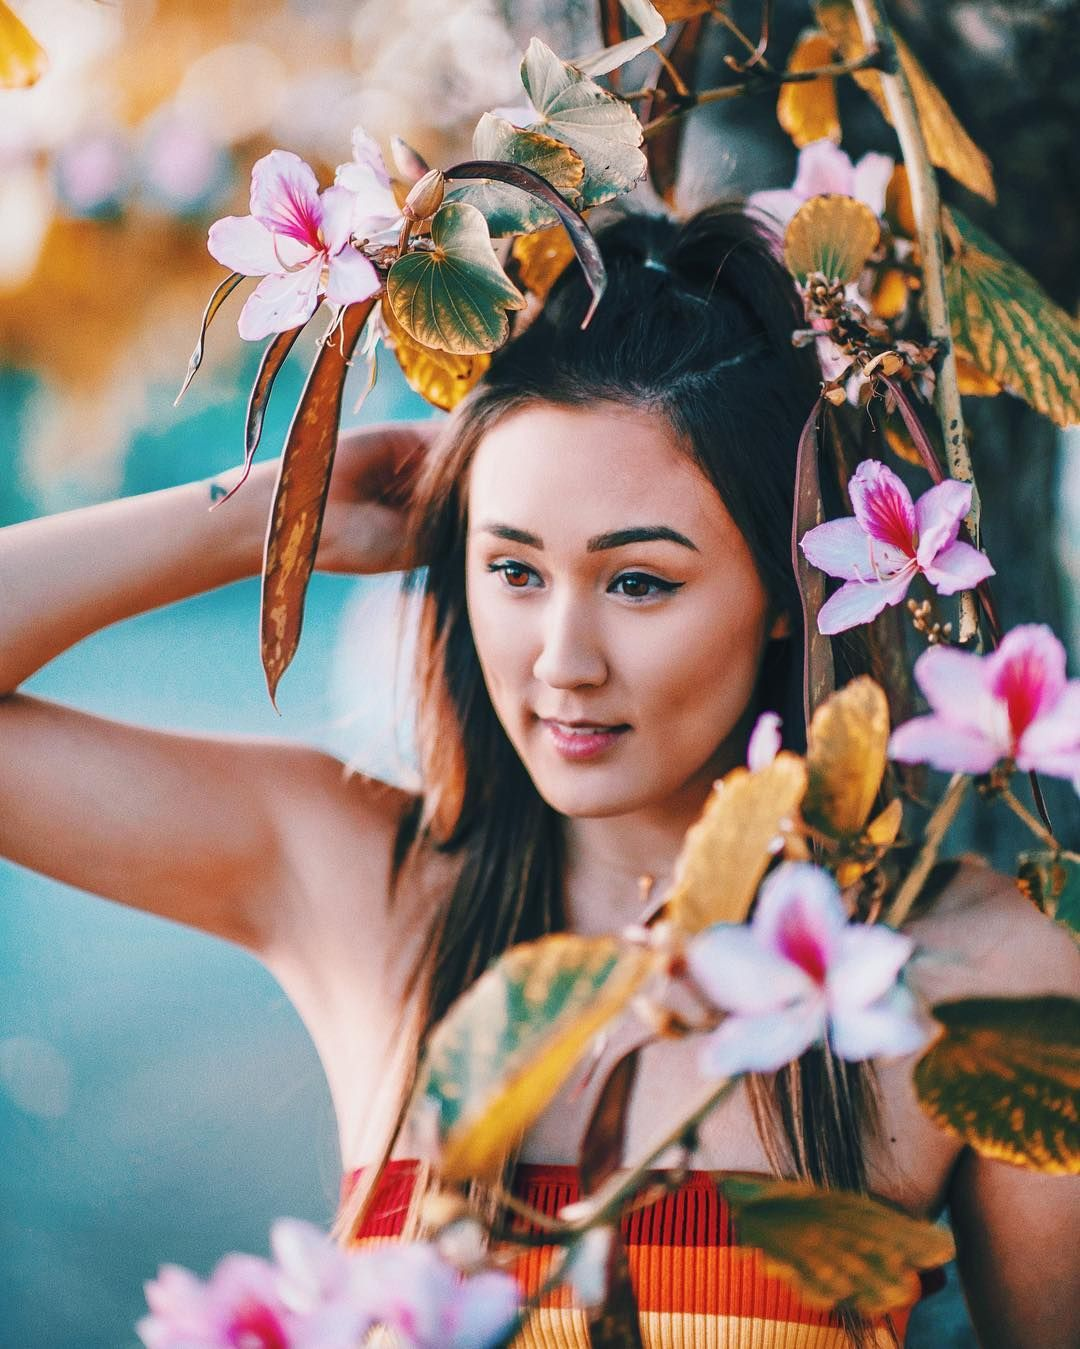 Video Sarah Marie Paul nude photos 2019